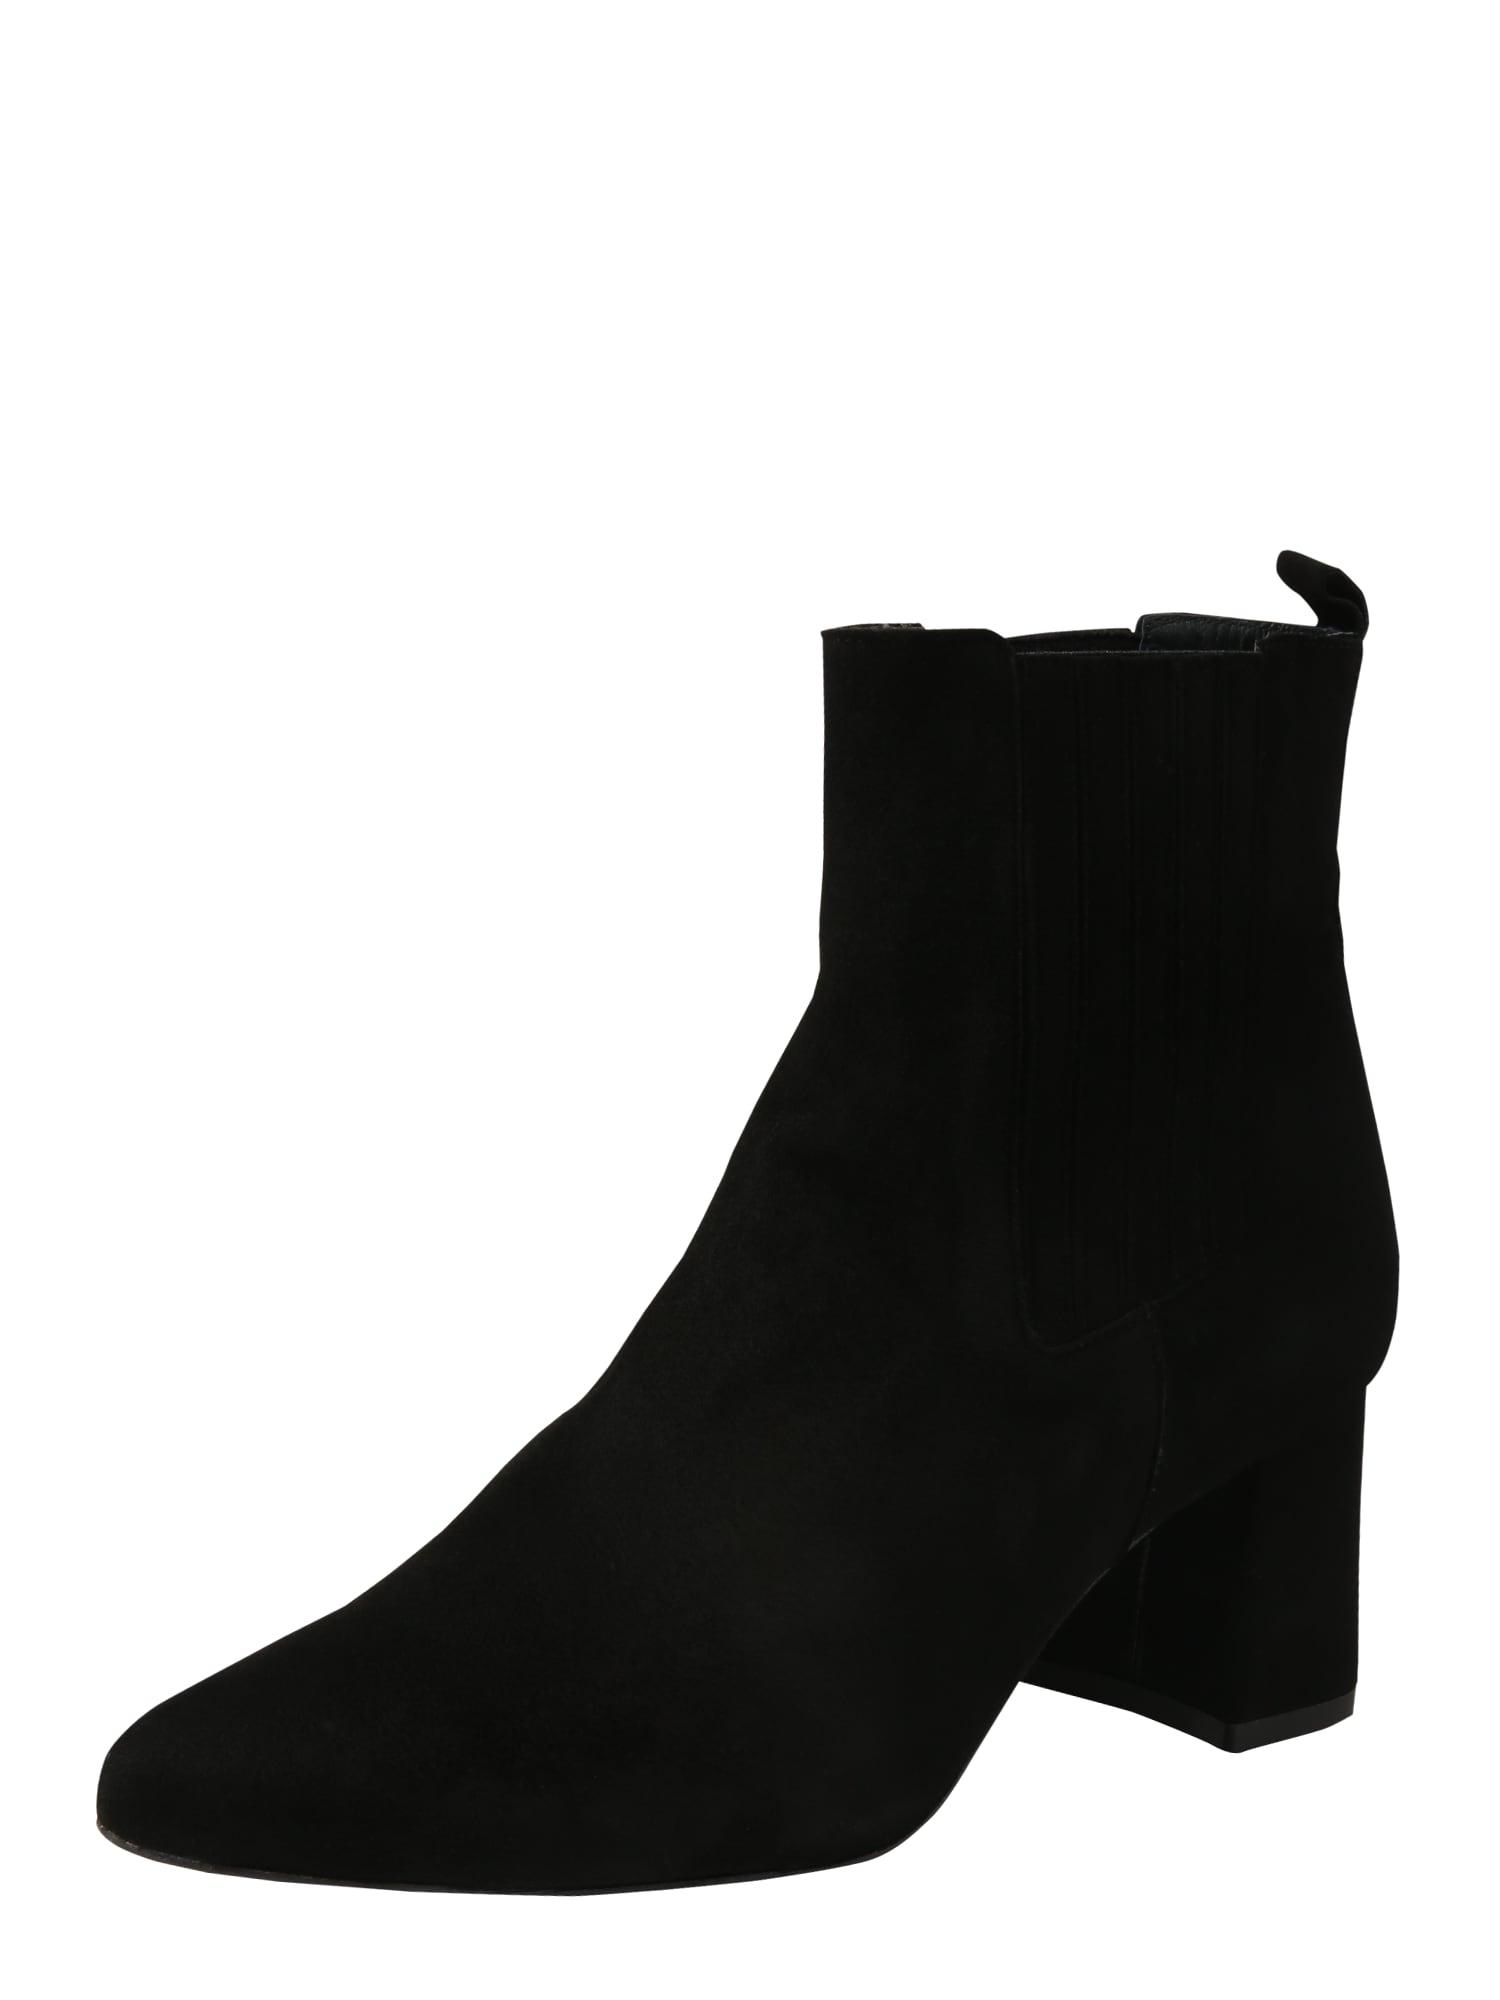 Kotníkové boty Carmen černá Apple Of Eden